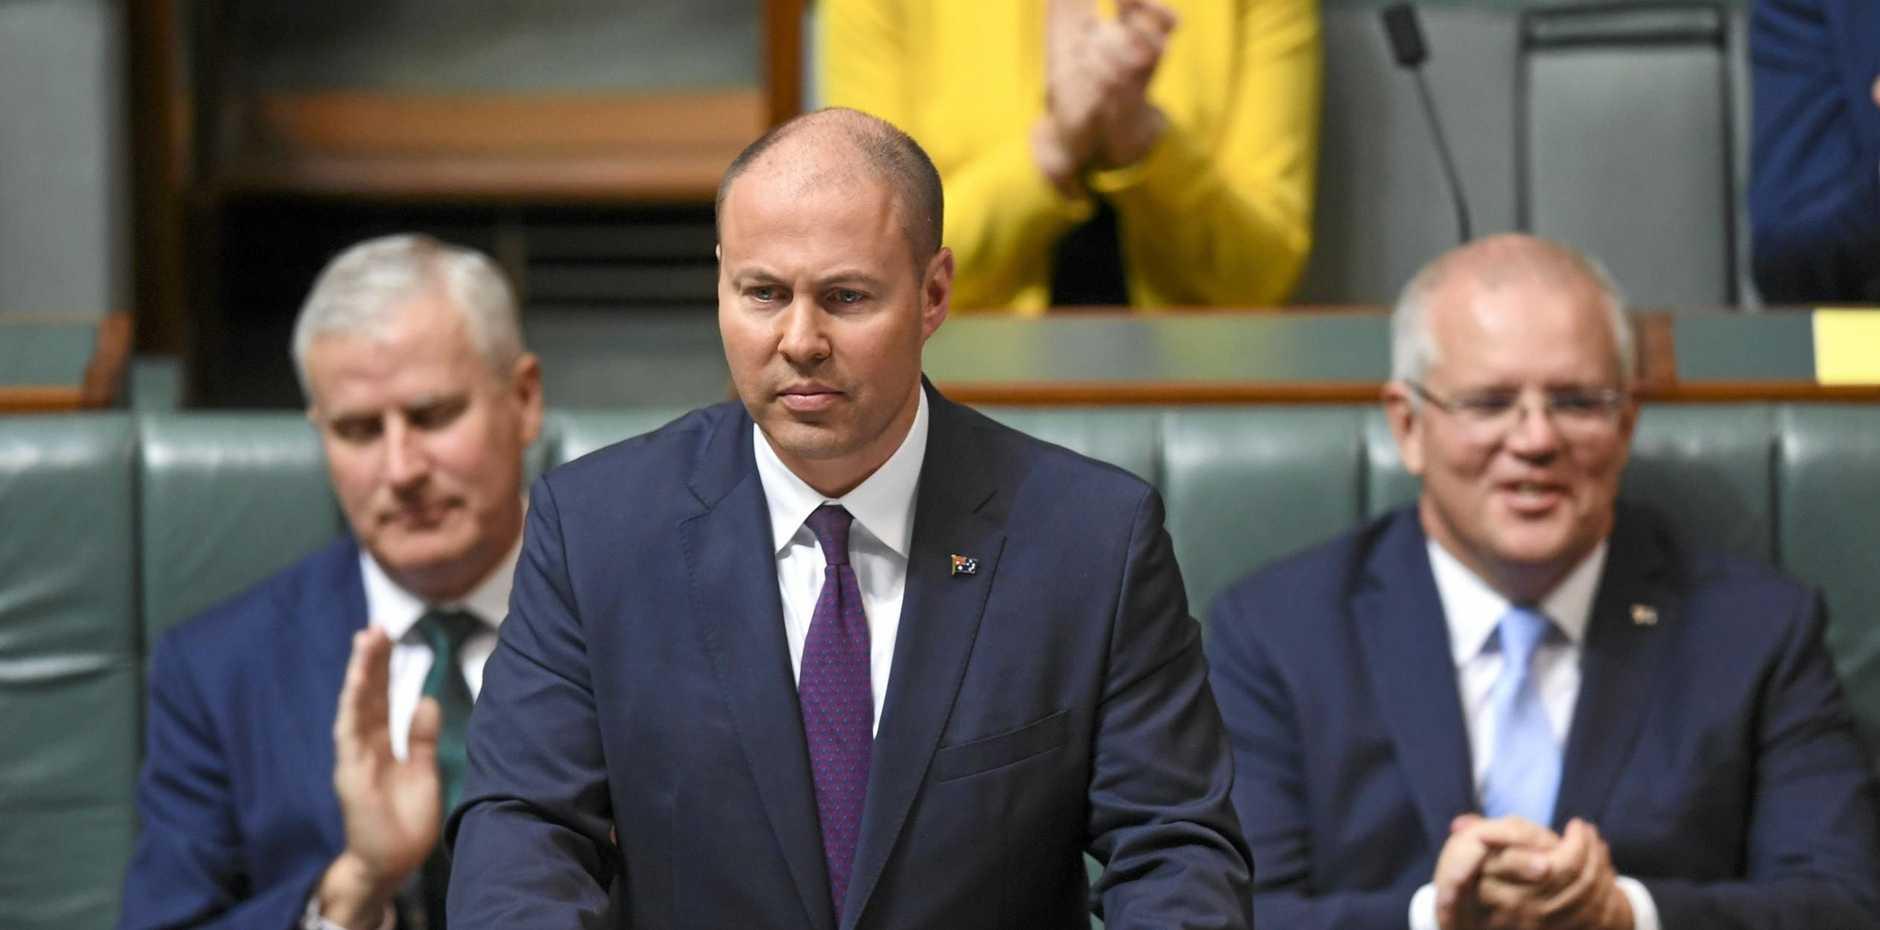 HIS FIRST: Australian Federal Treasurer Josh Frydenberg delivers the 2019-20 Federal Budget.